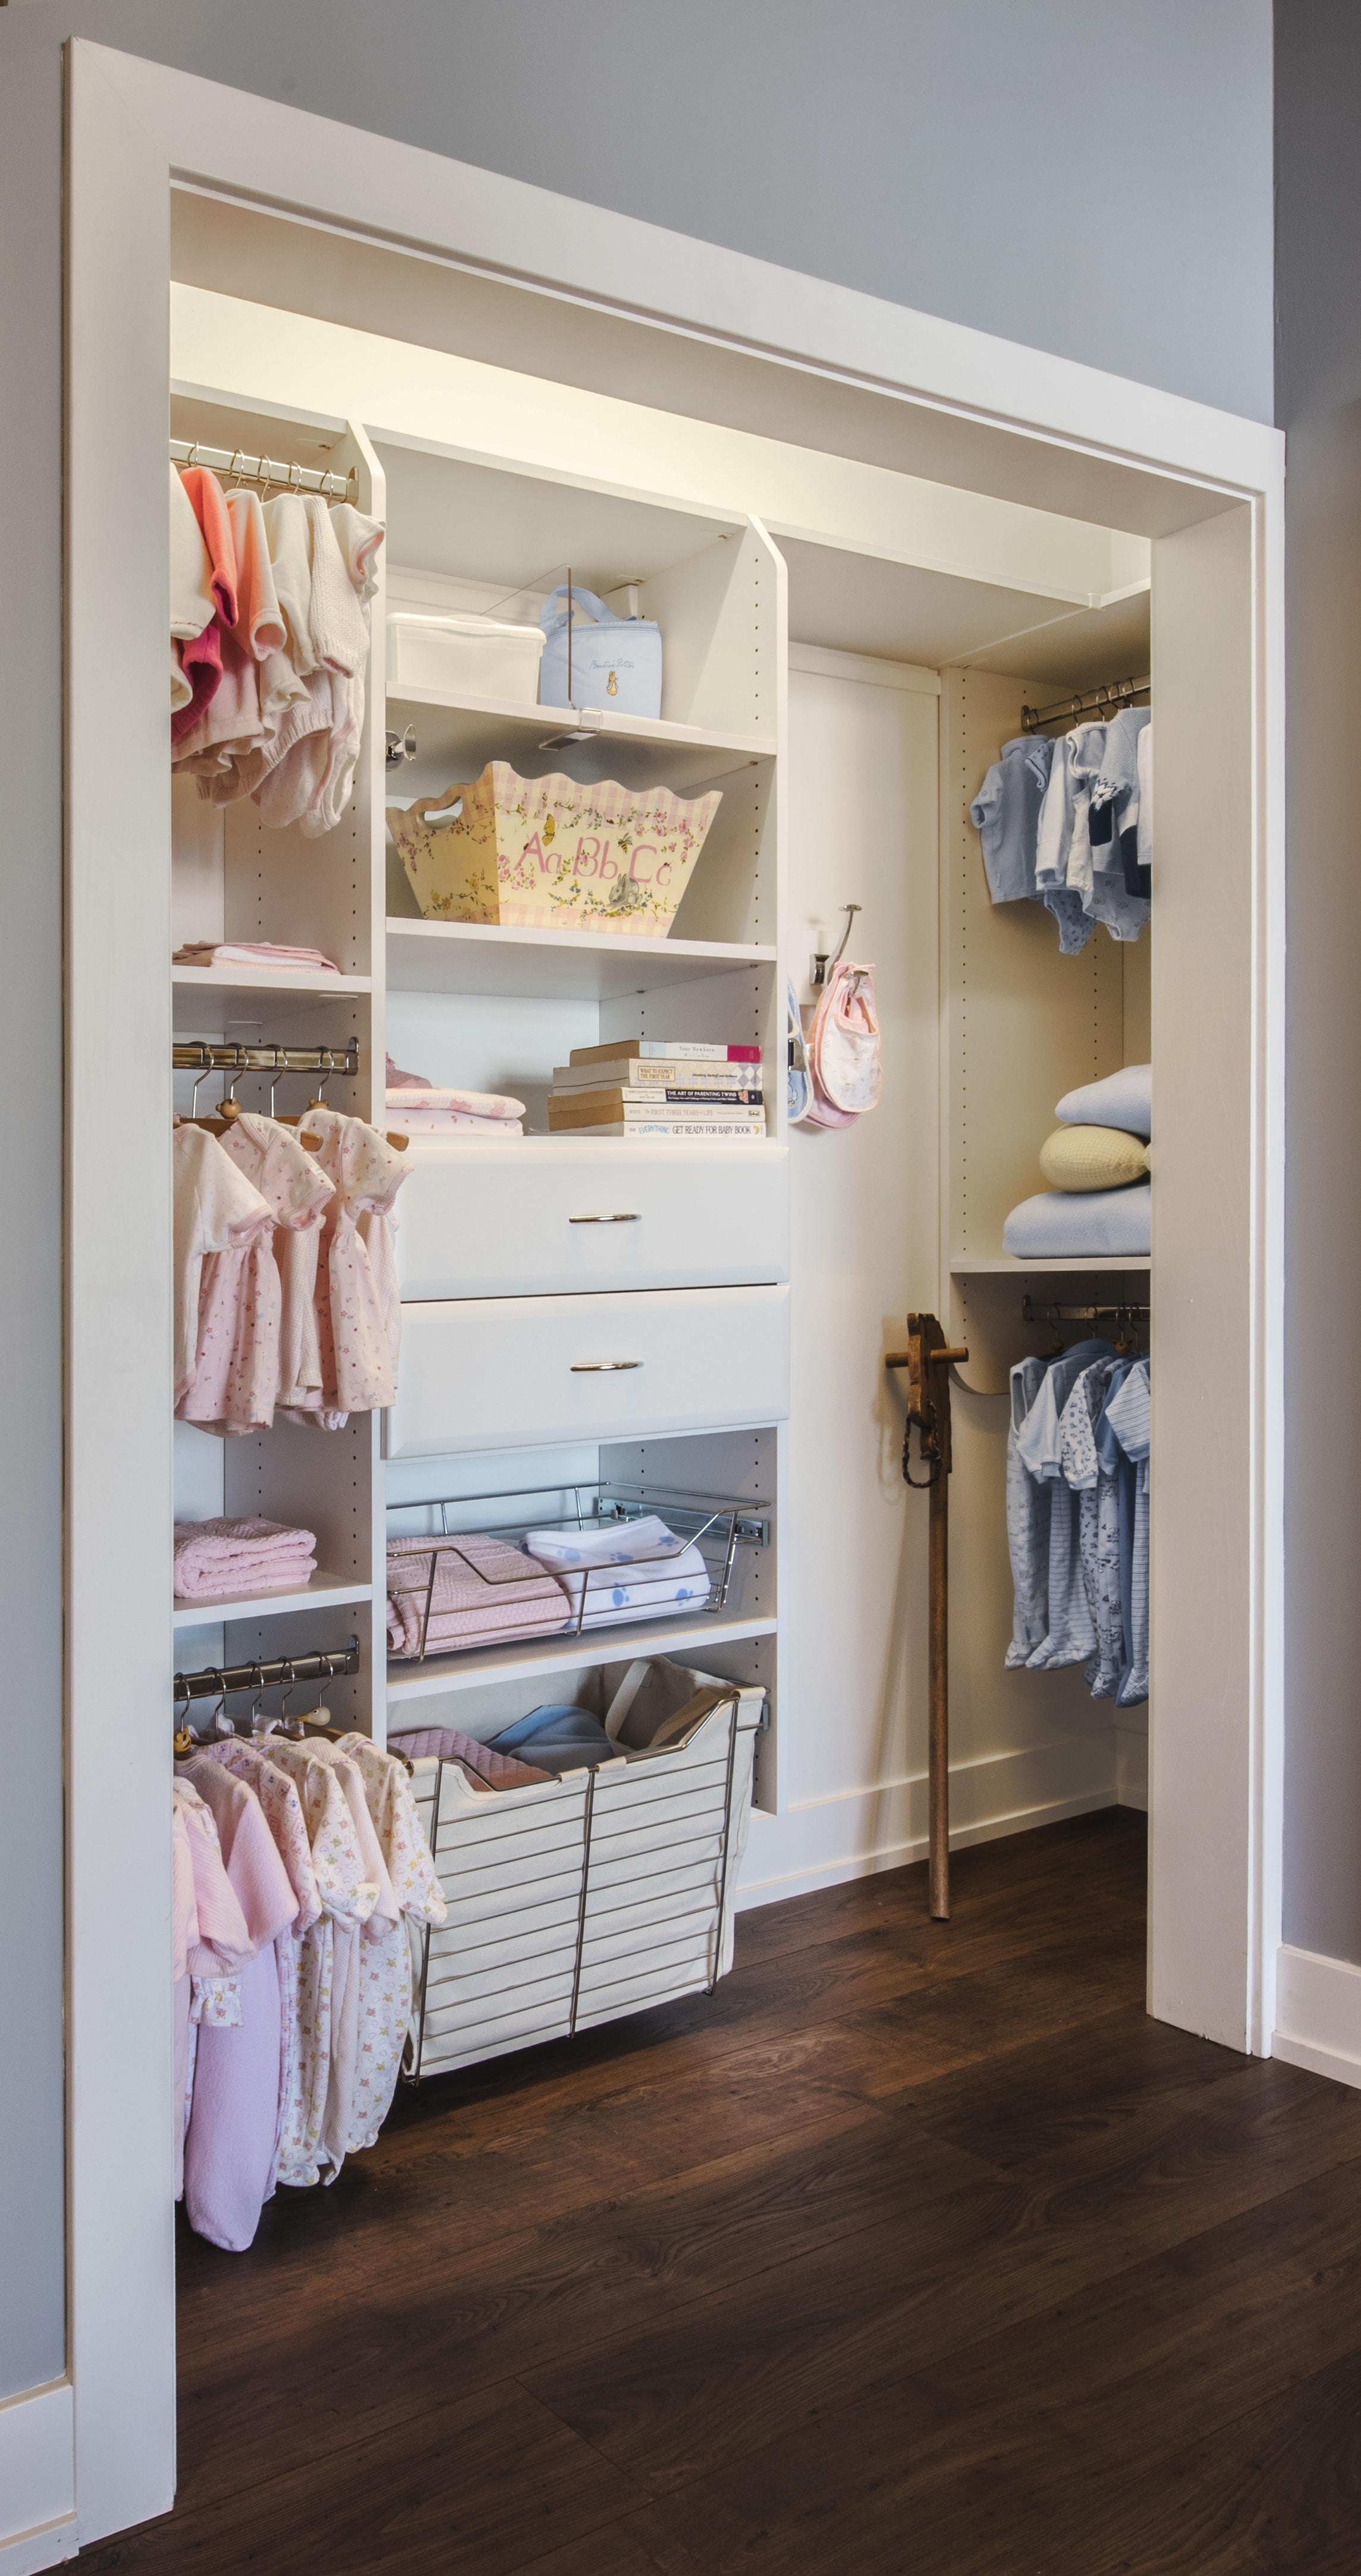 reach in closet design. CHILDREN\u0027S REACH IN CLOSET DESIGNED TO GROW WITH CHILD Reach In Closet Design